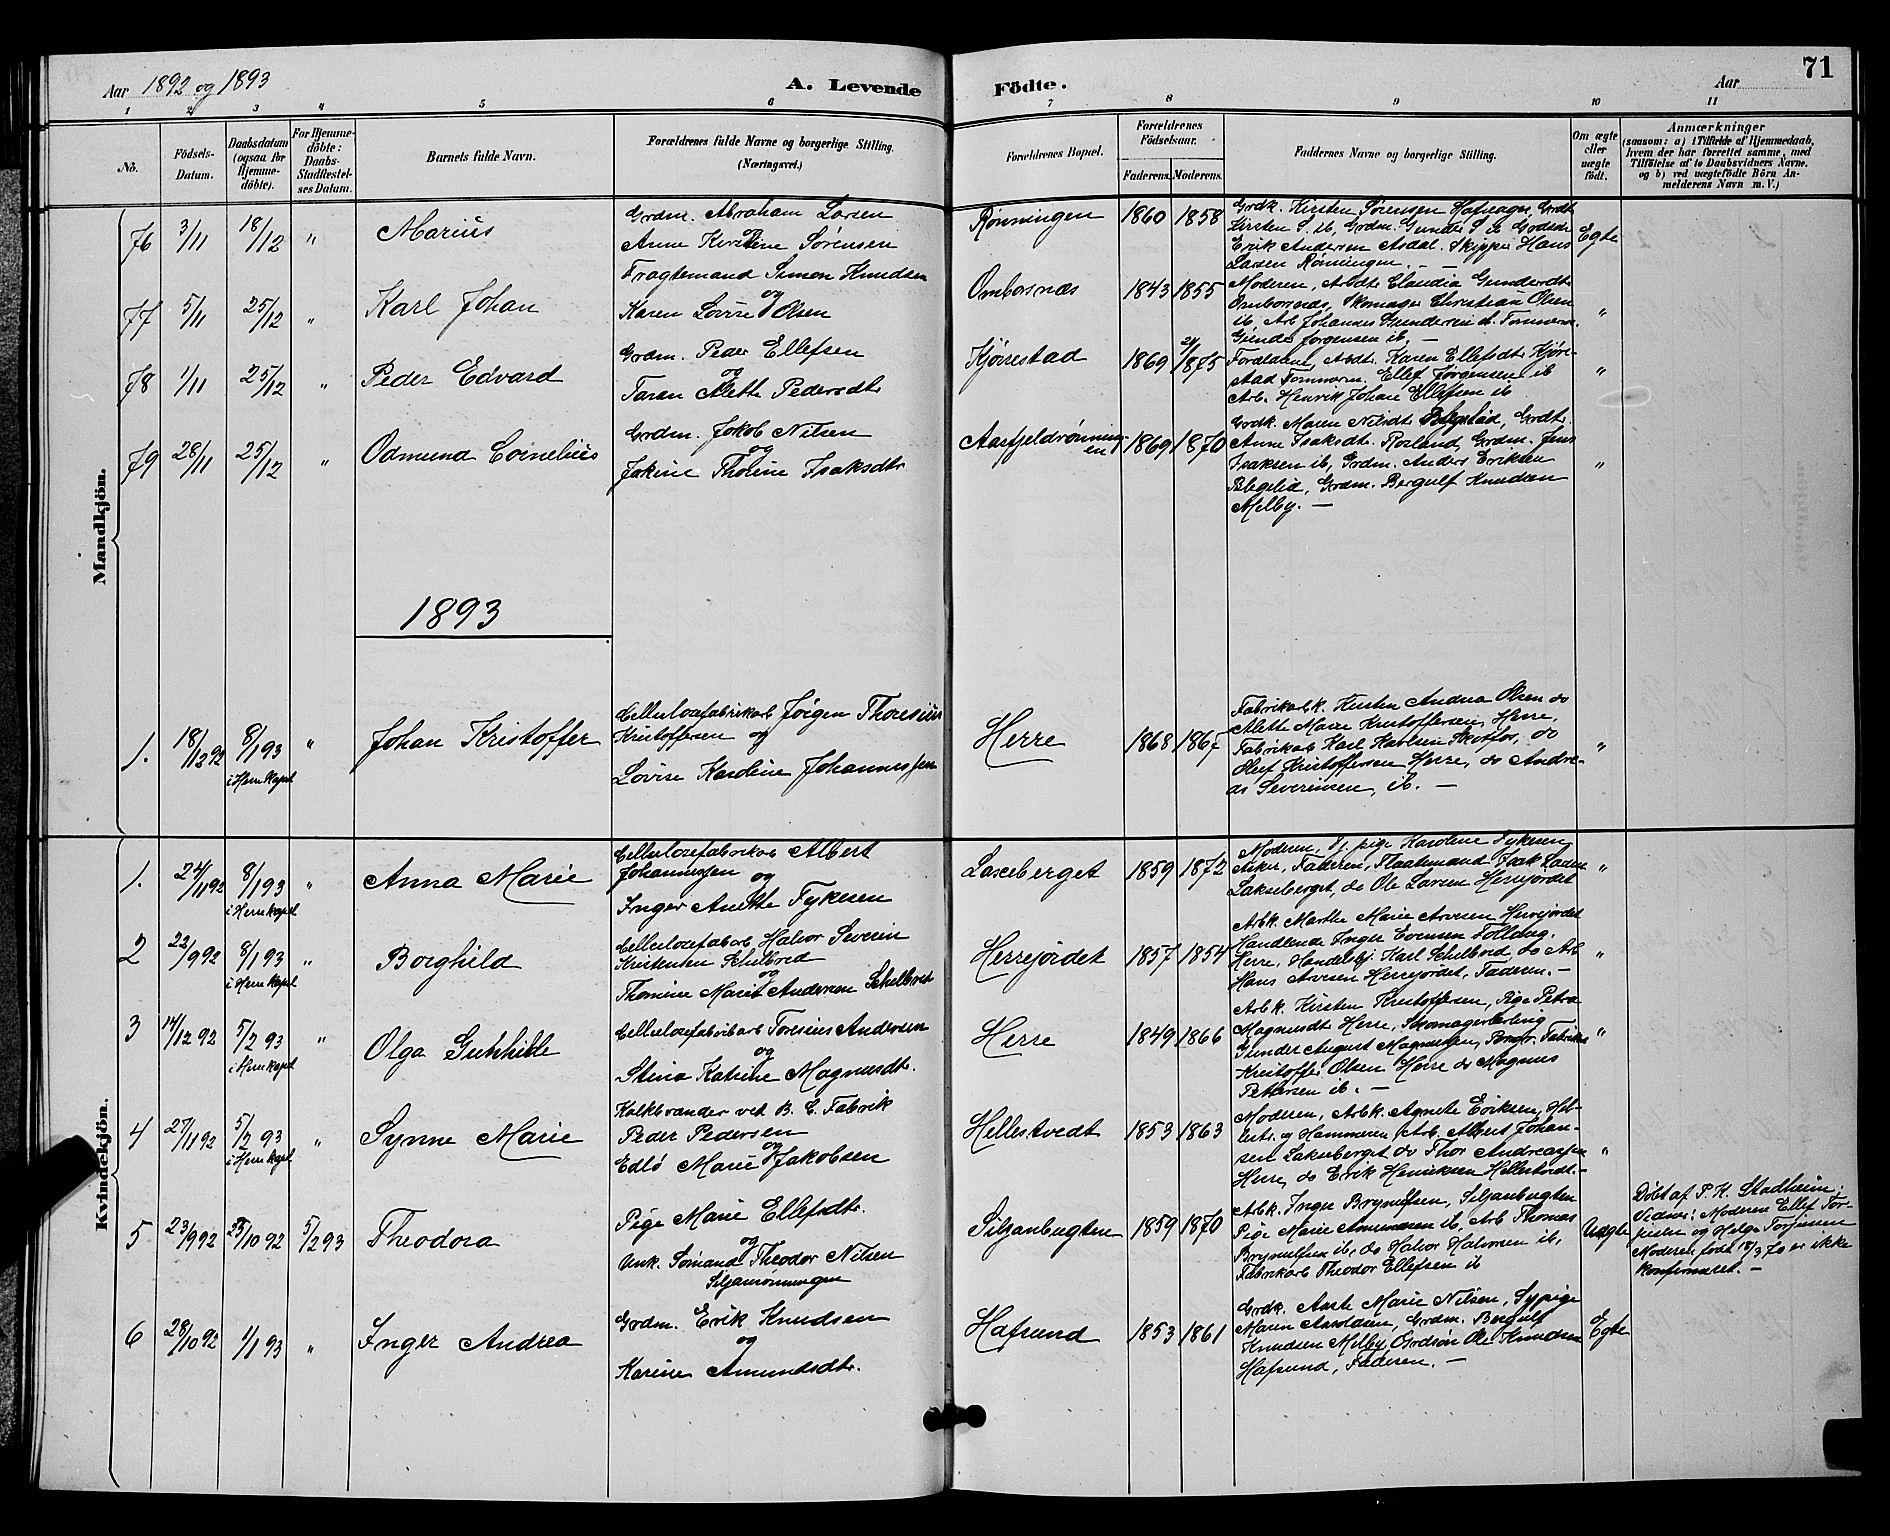 SAKO, Bamble kirkebøker, G/Ga/L0009: Klokkerbok nr. I 9, 1888-1900, s. 71